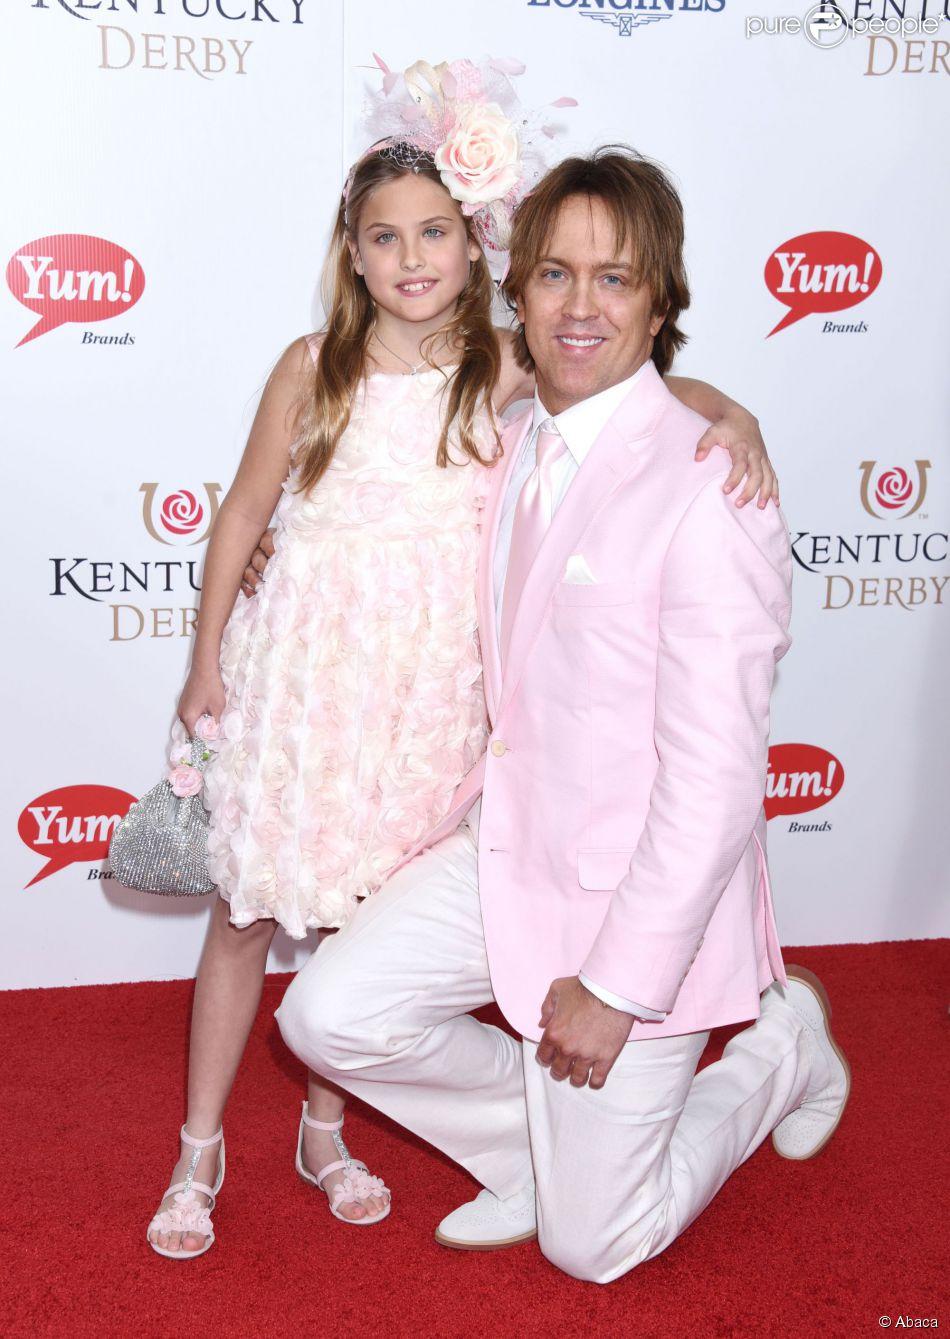 Larry Birkhead et sa fille Dannielynn, dont la maman est la défunte Anna Nicole Smith, assistent au Kentucky Derby de Louisville dans le Kentucky, le 2 mai 2015.